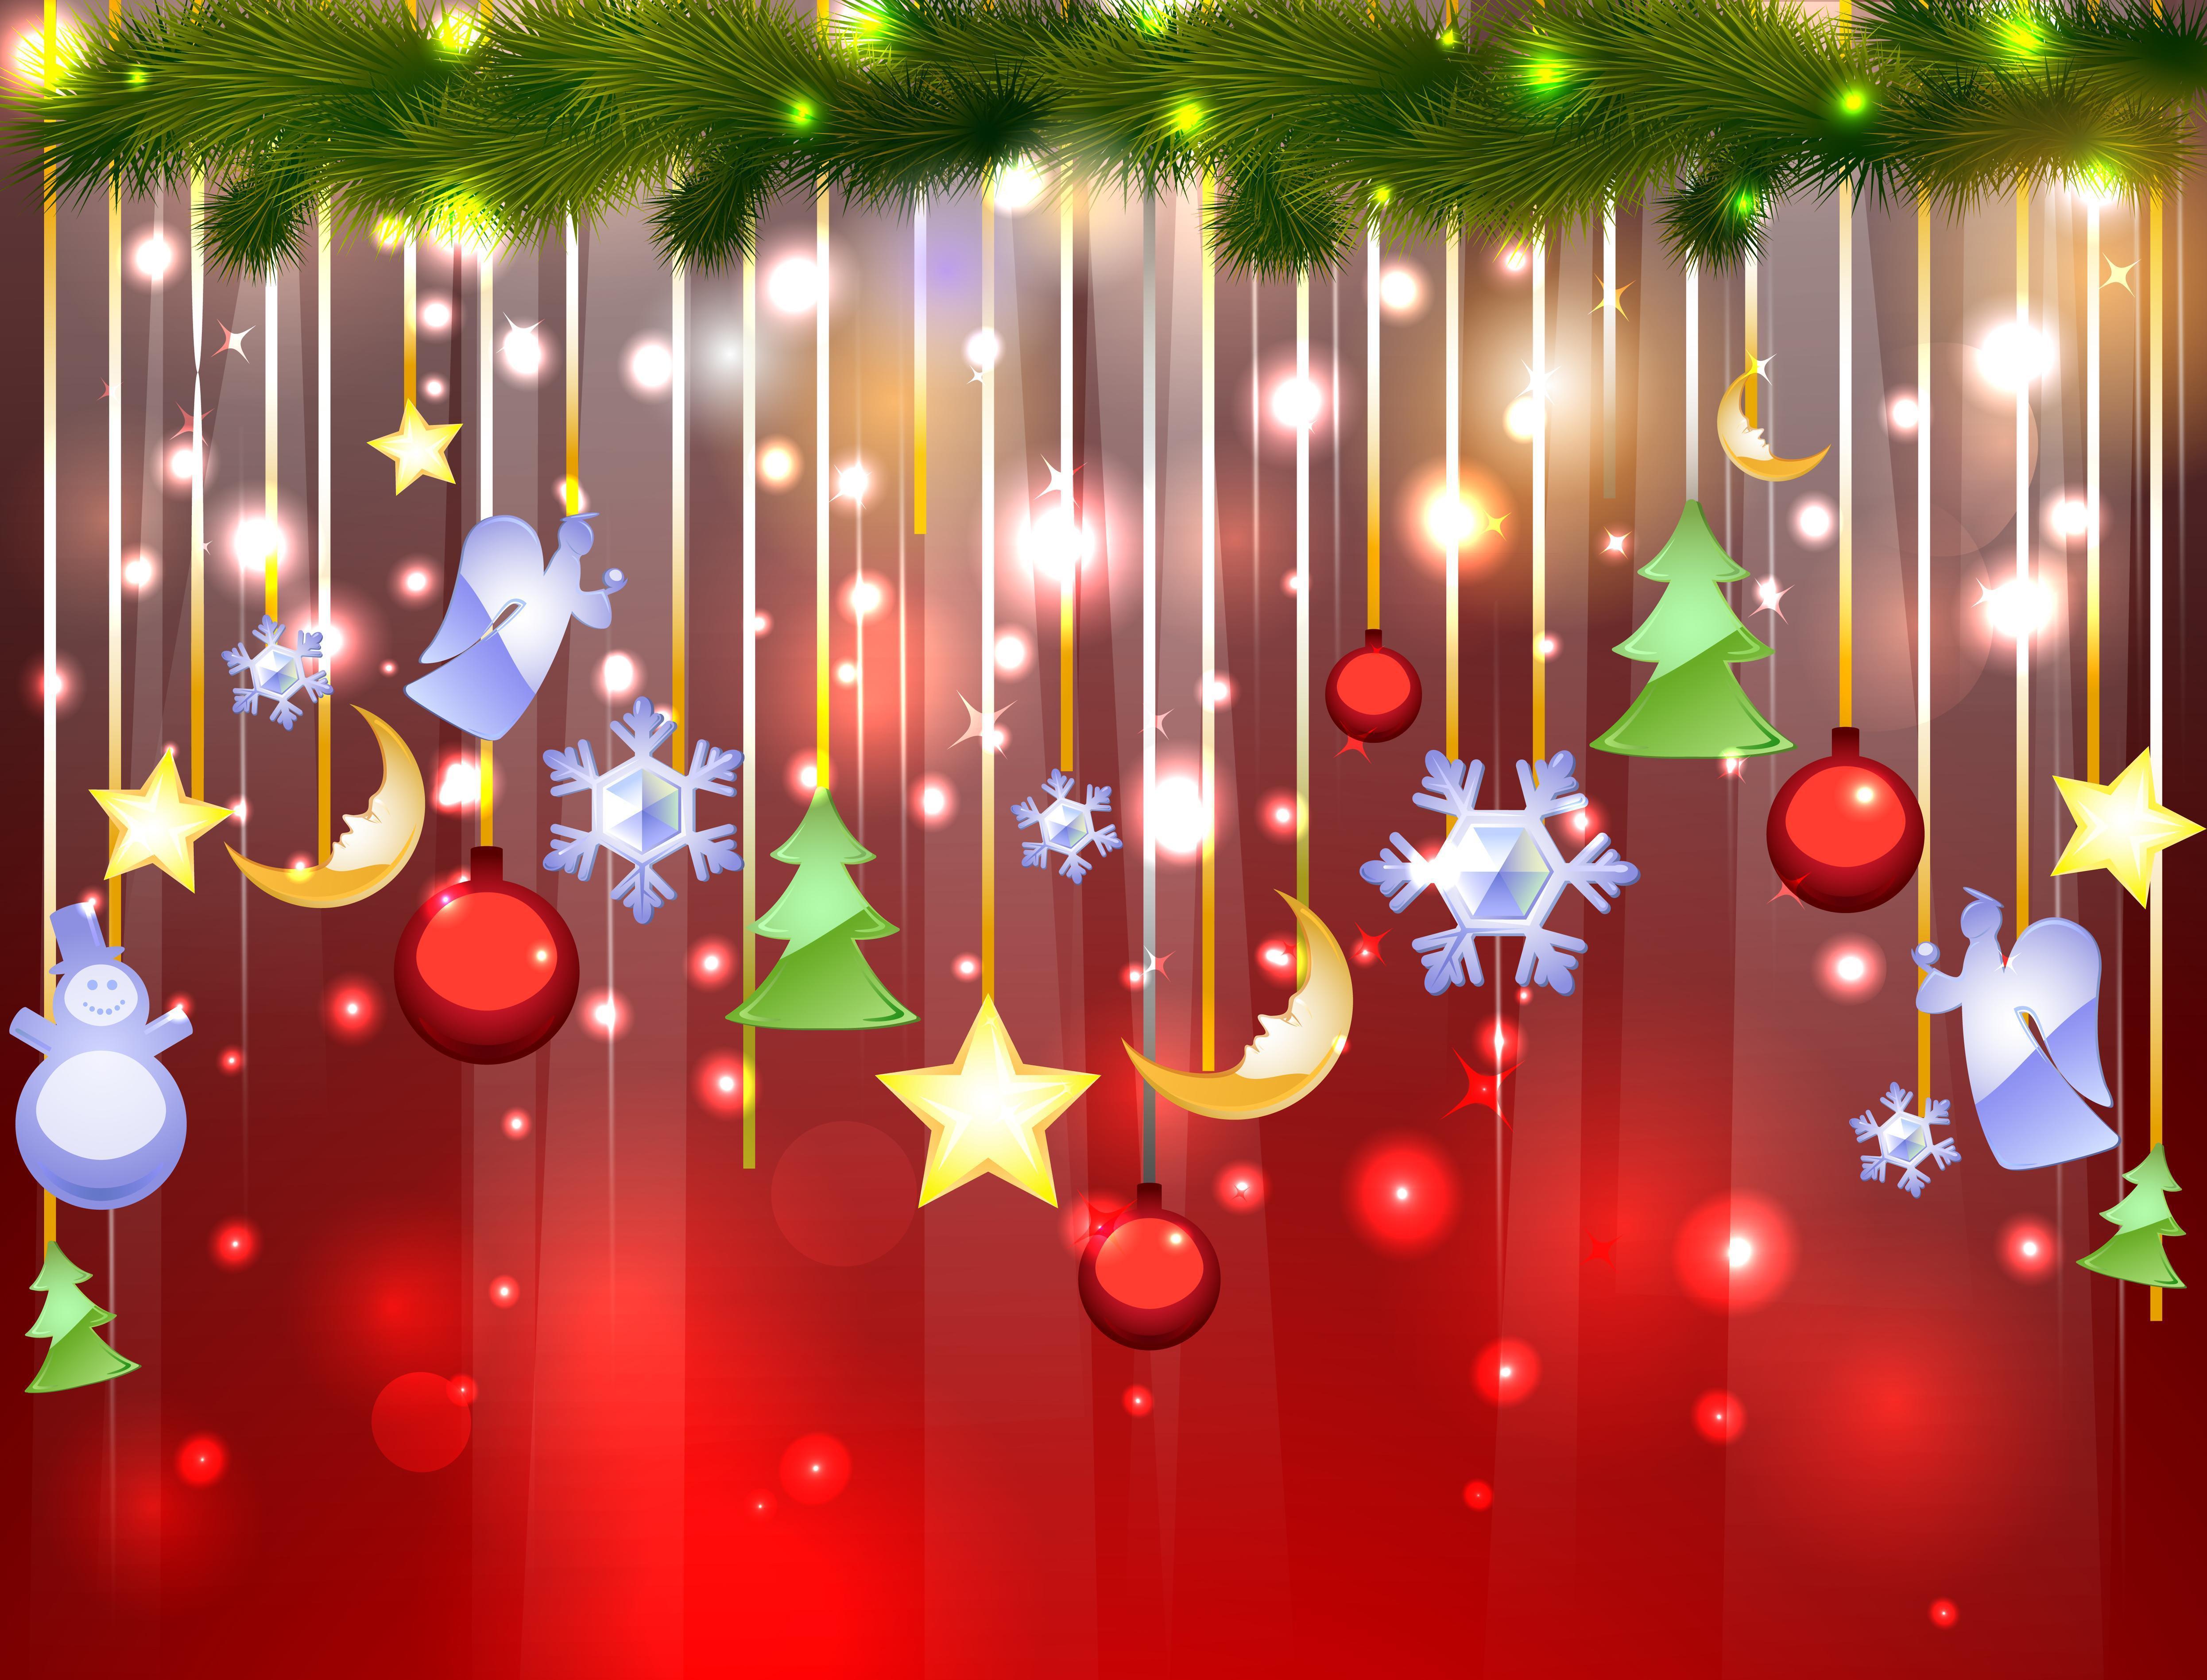 Christmas wallpapers Christmas theme 087158 jpg 4984x3794